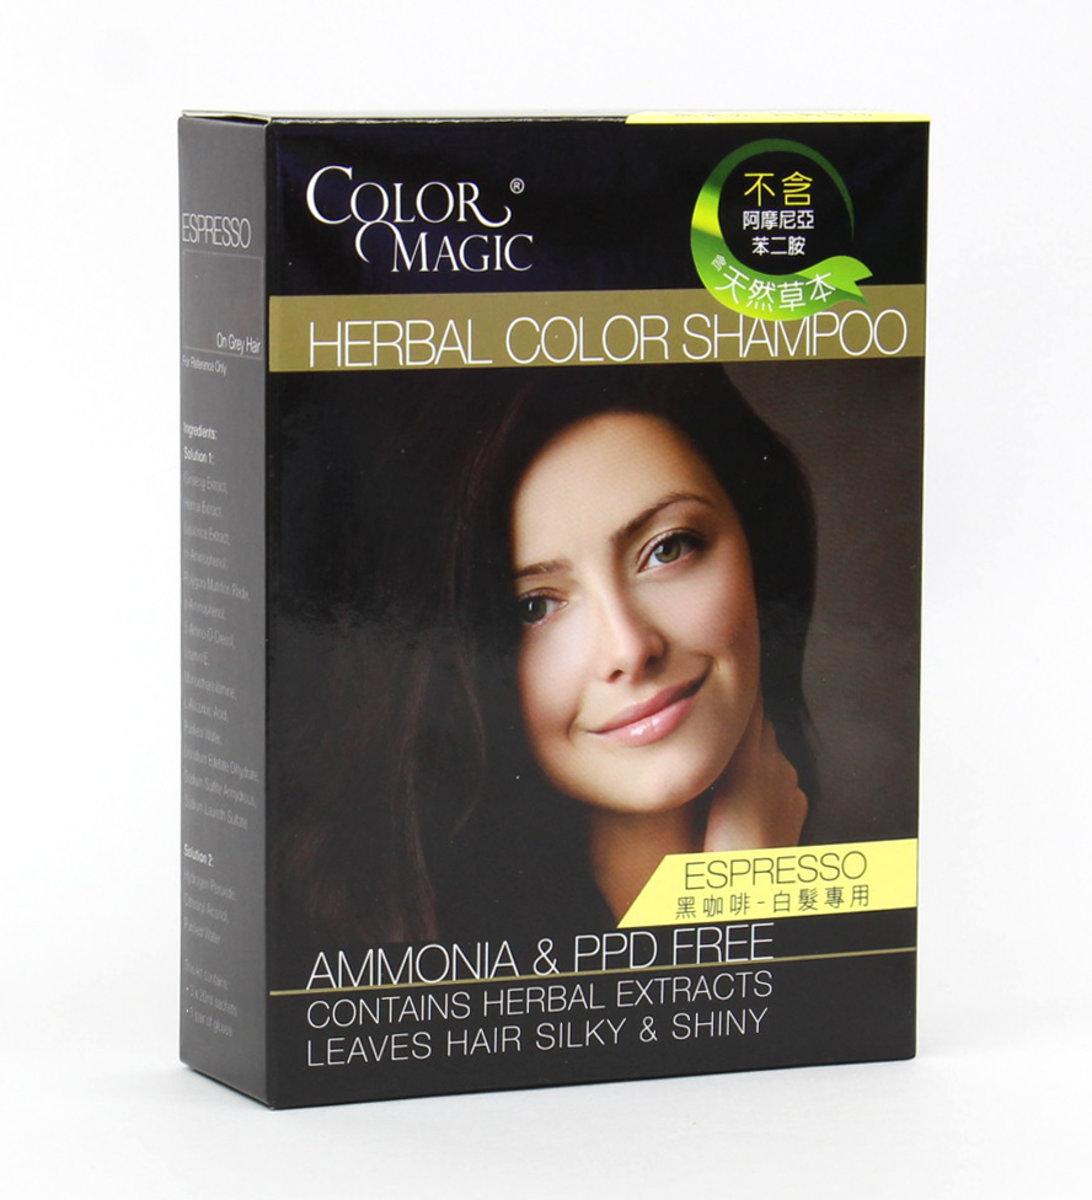 Herbal Color Shampoo (Espresso)